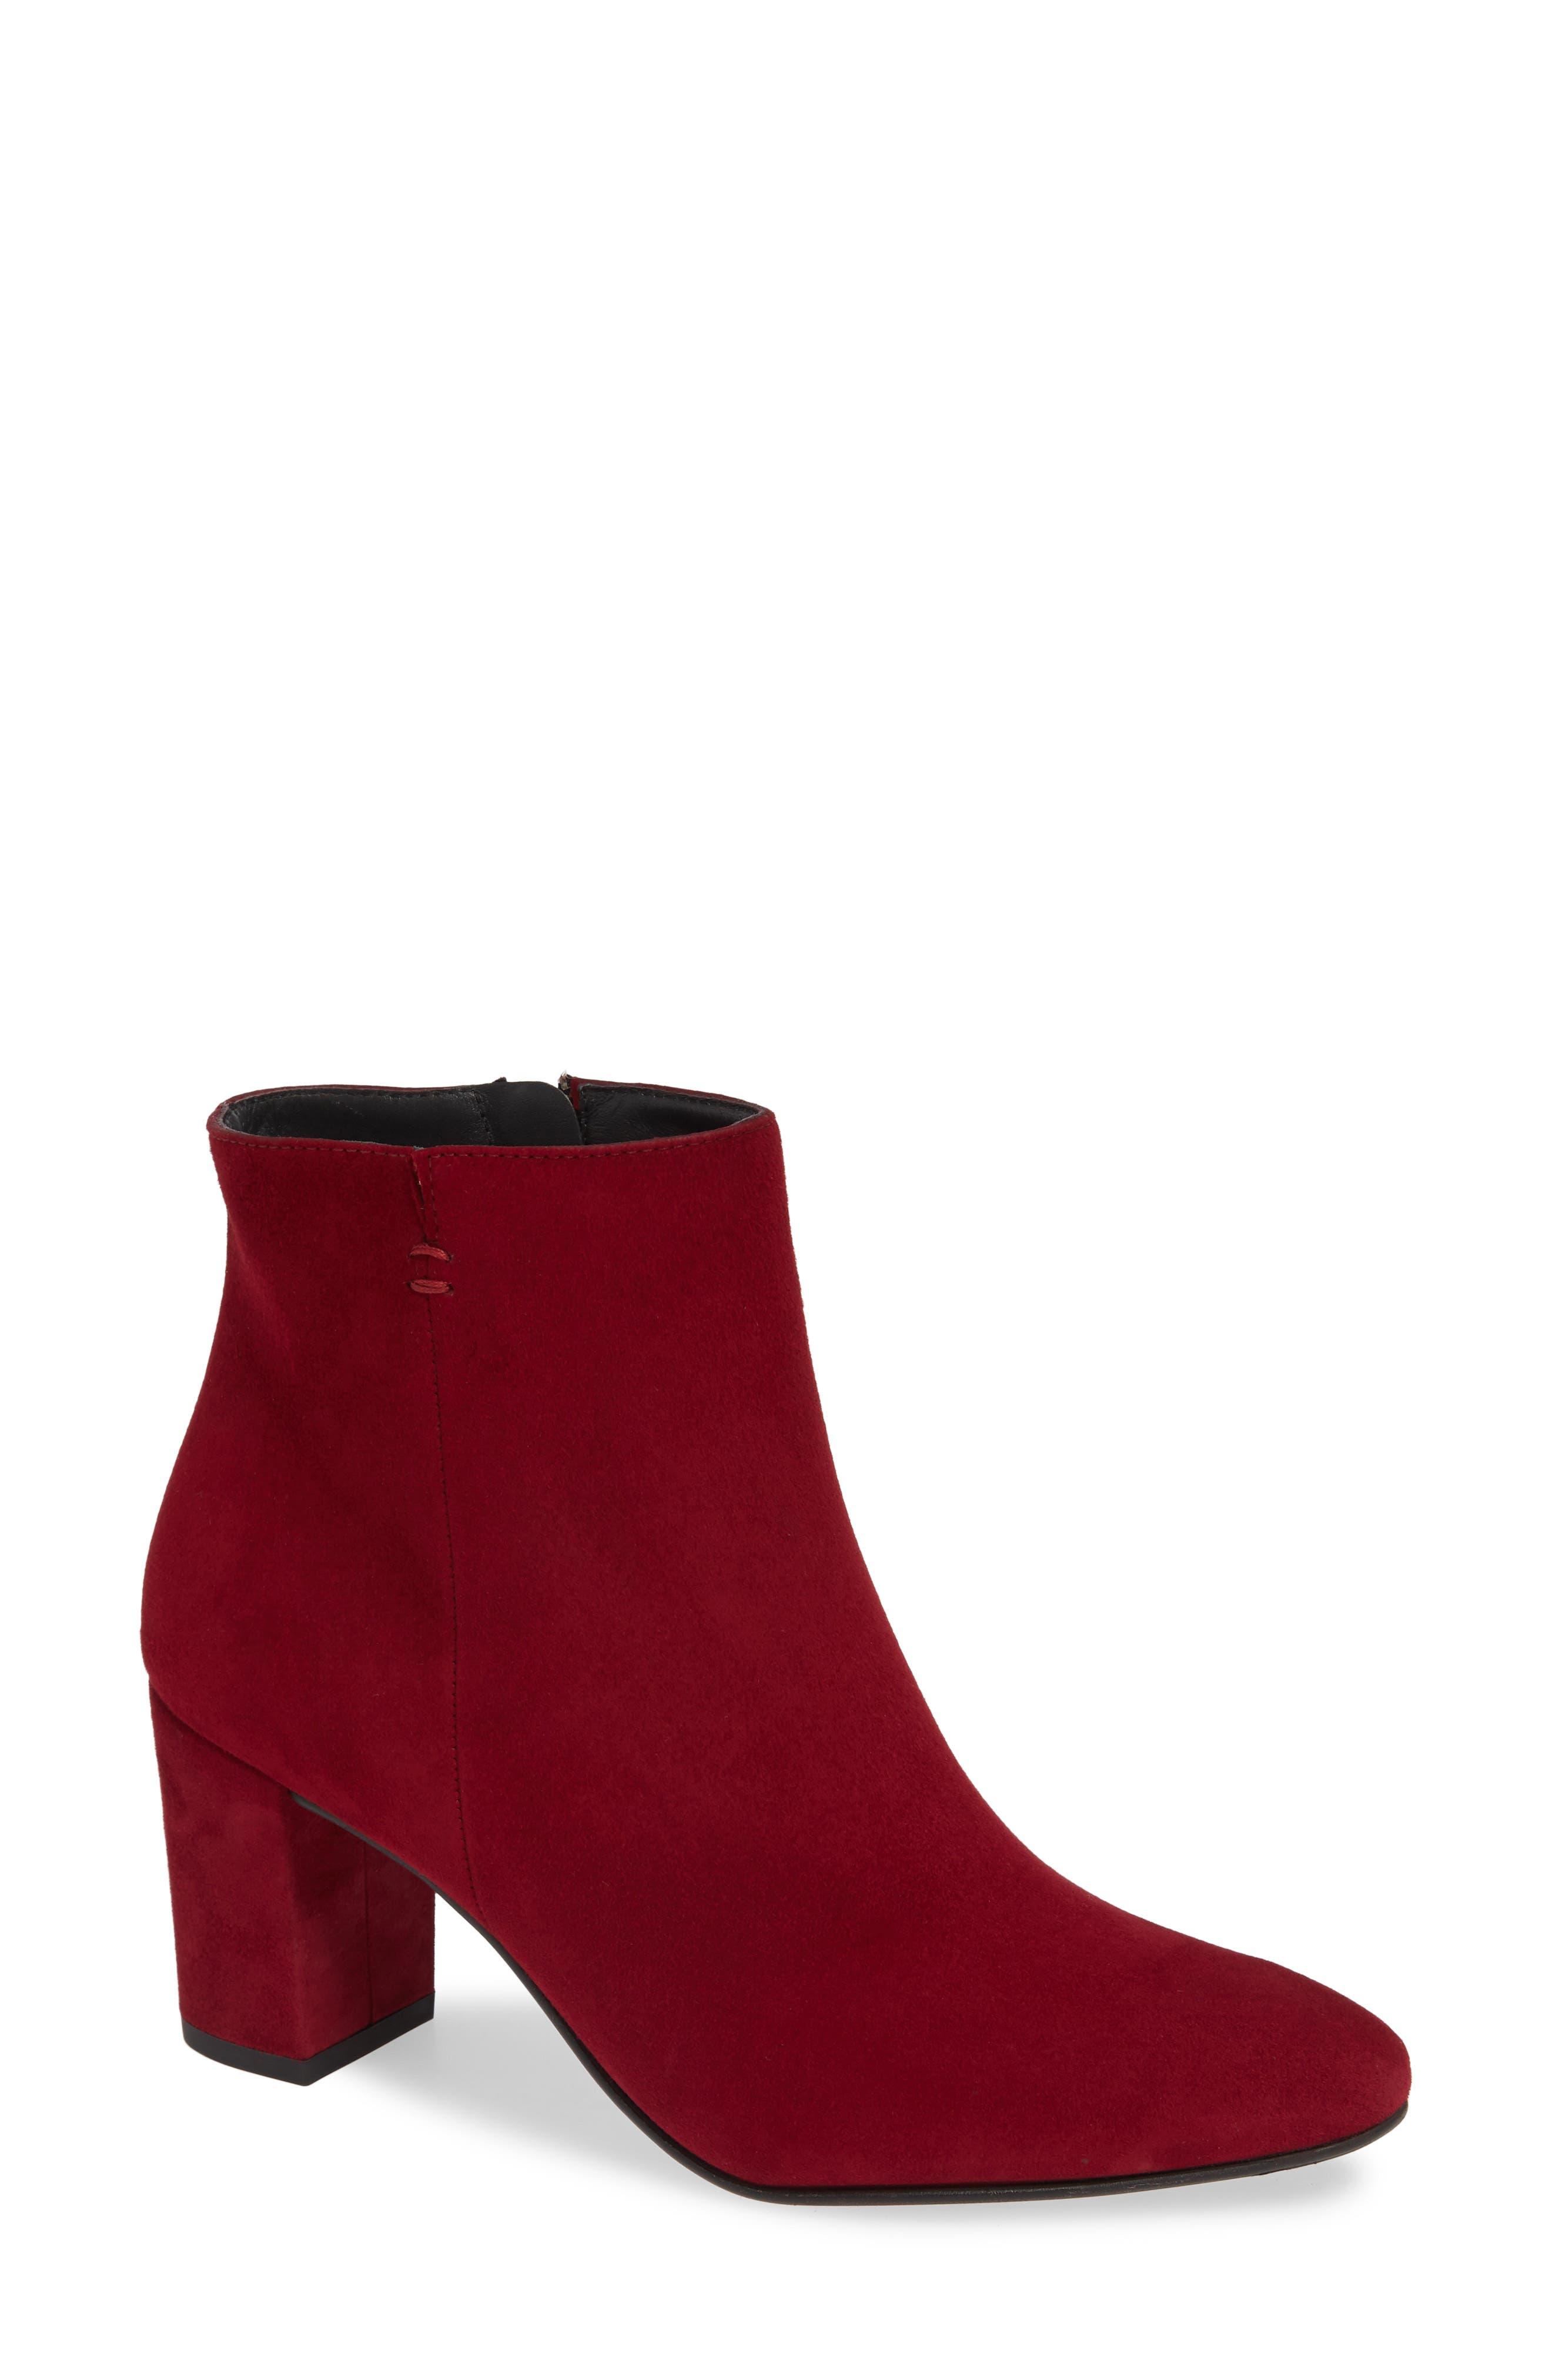 Paul Green Valerie Bootie, .5UK - Red